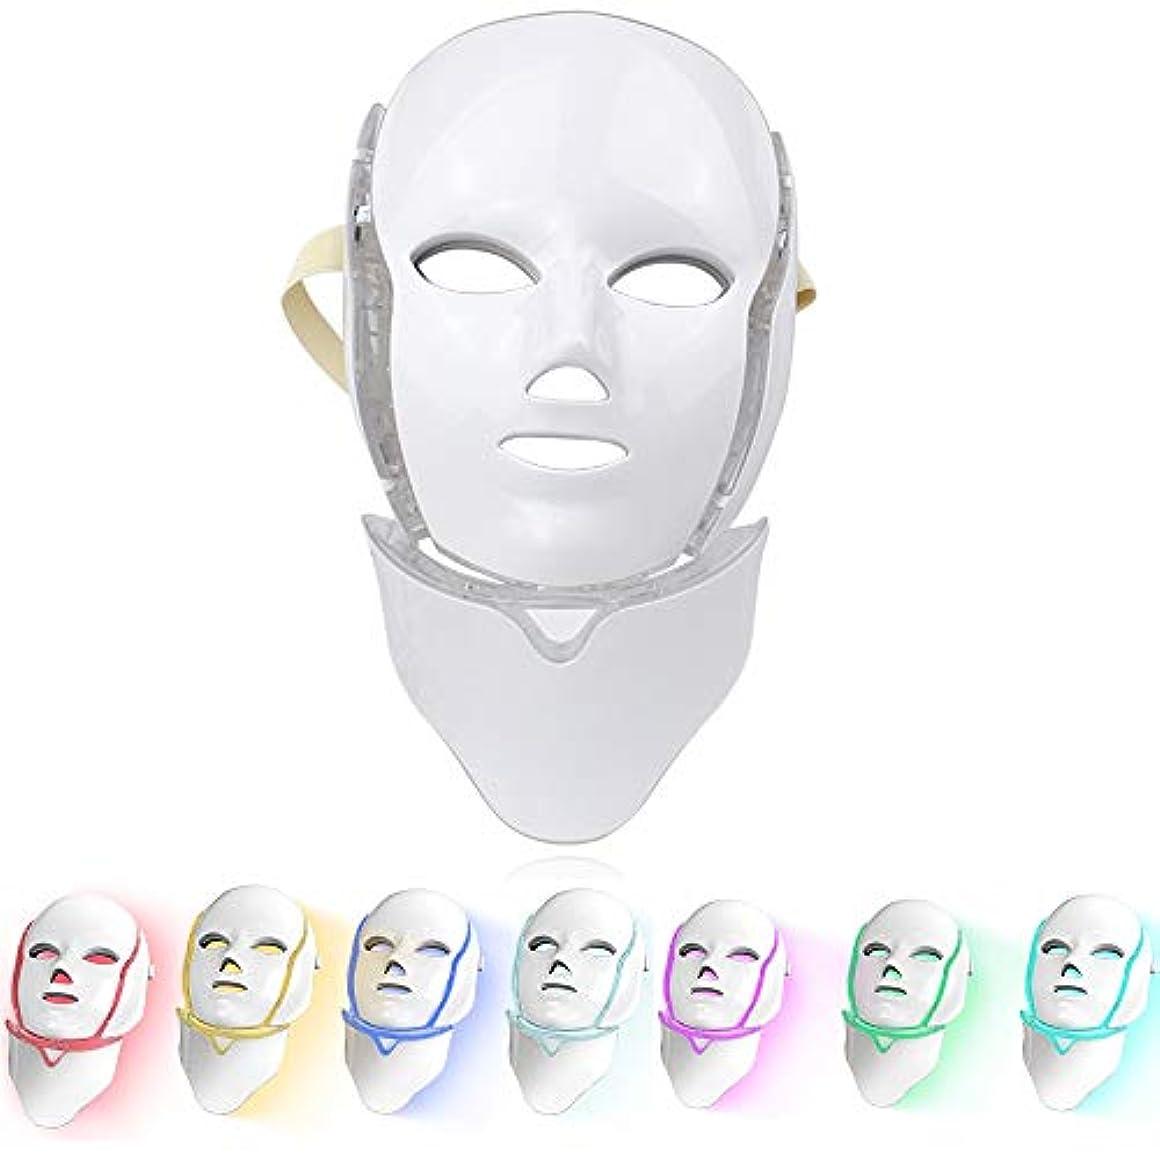 クリア傀儡豊富な7色LED顔面美容スキンケアの若返りシワ除去女性のためのアンチエイジング電気デバイス